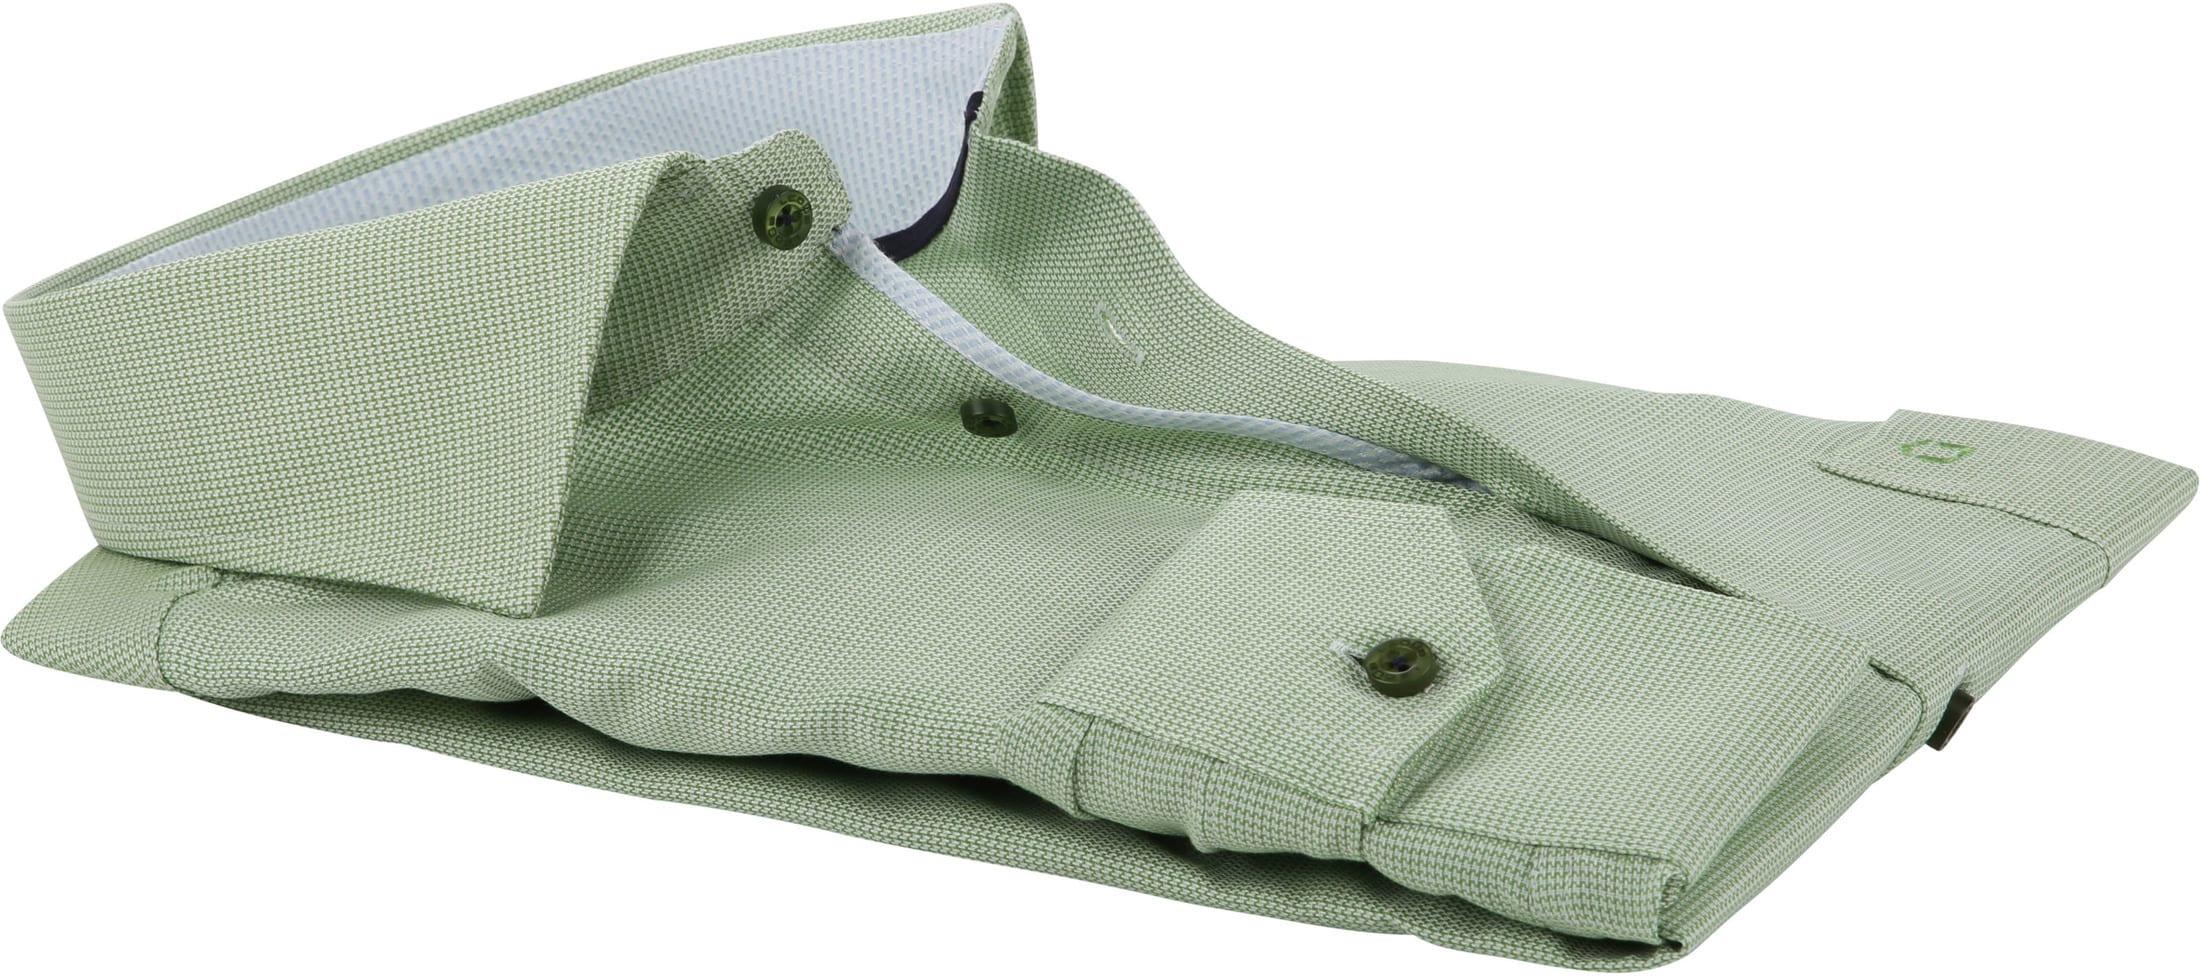 Ledub Overhemd Groen Non Iron MF foto 3